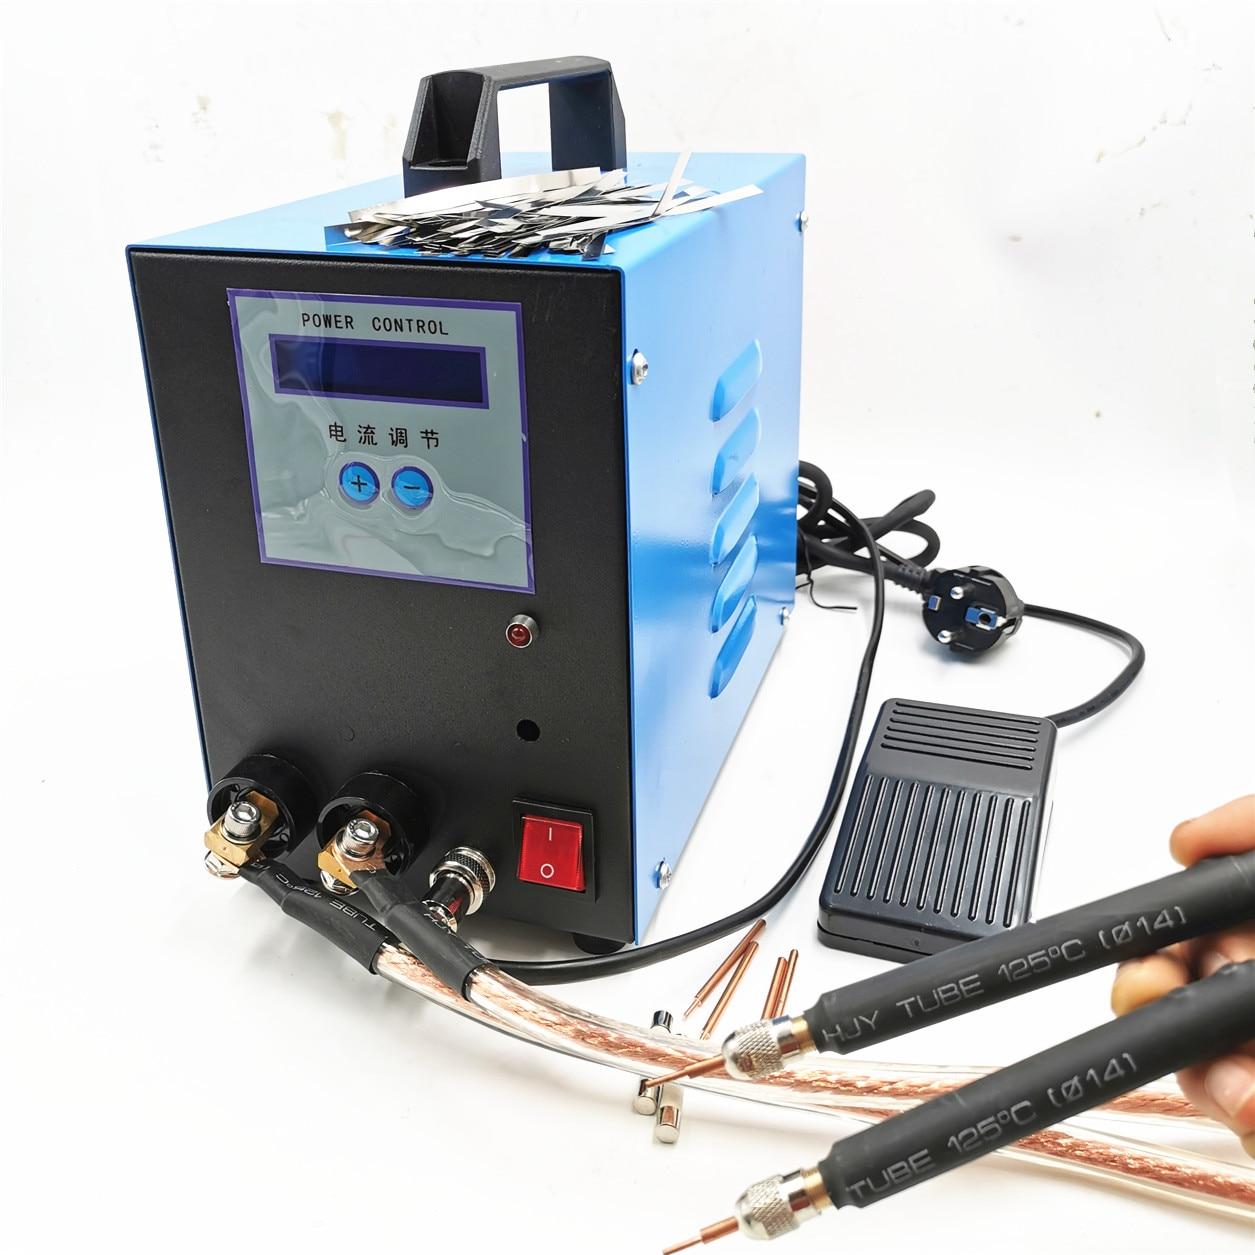 Solda a ponto 18650 soldador 10kw do ponto da bateria 110 v/220 v handheld máquina de soldadura a ponto do soldador